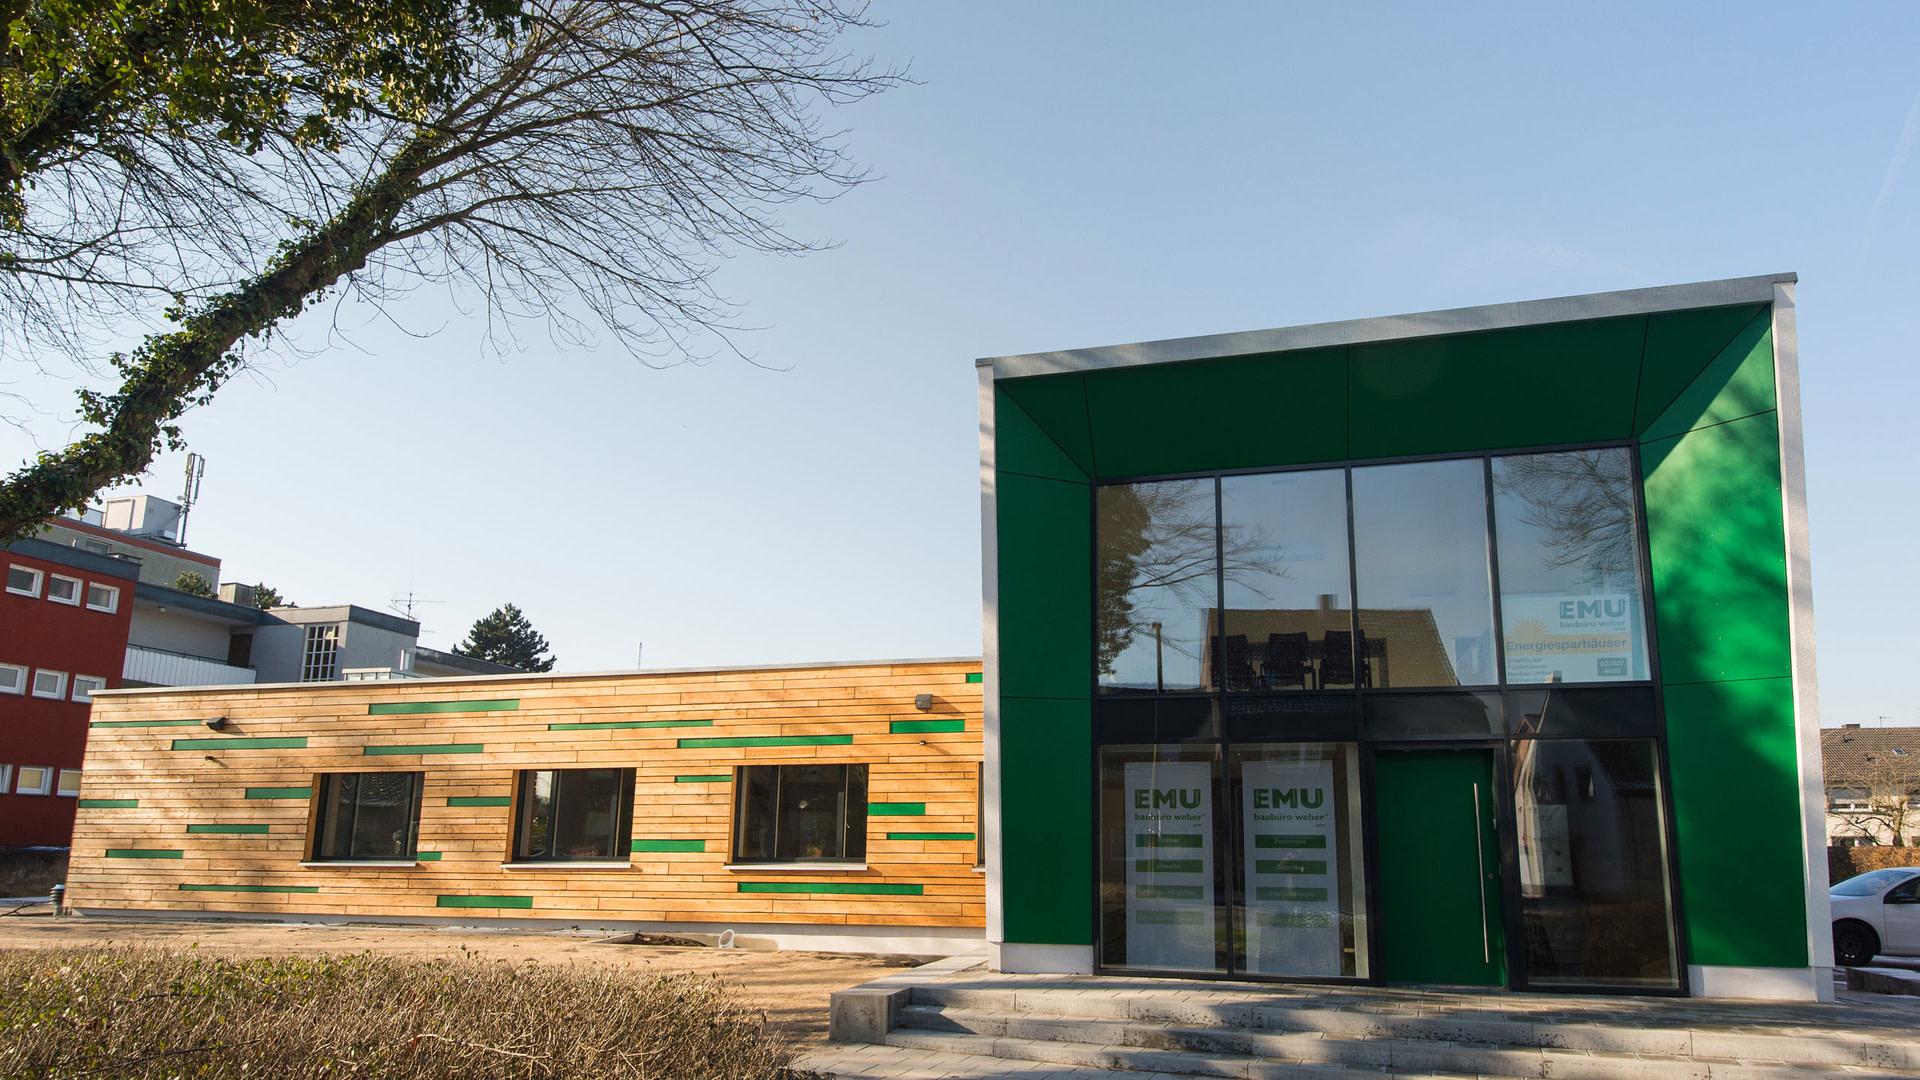 Tanzschule, Dolberger Str., Ahlen - Holzbau, Nichtwohngebäude, Passivhaus, Umbau / Anbau